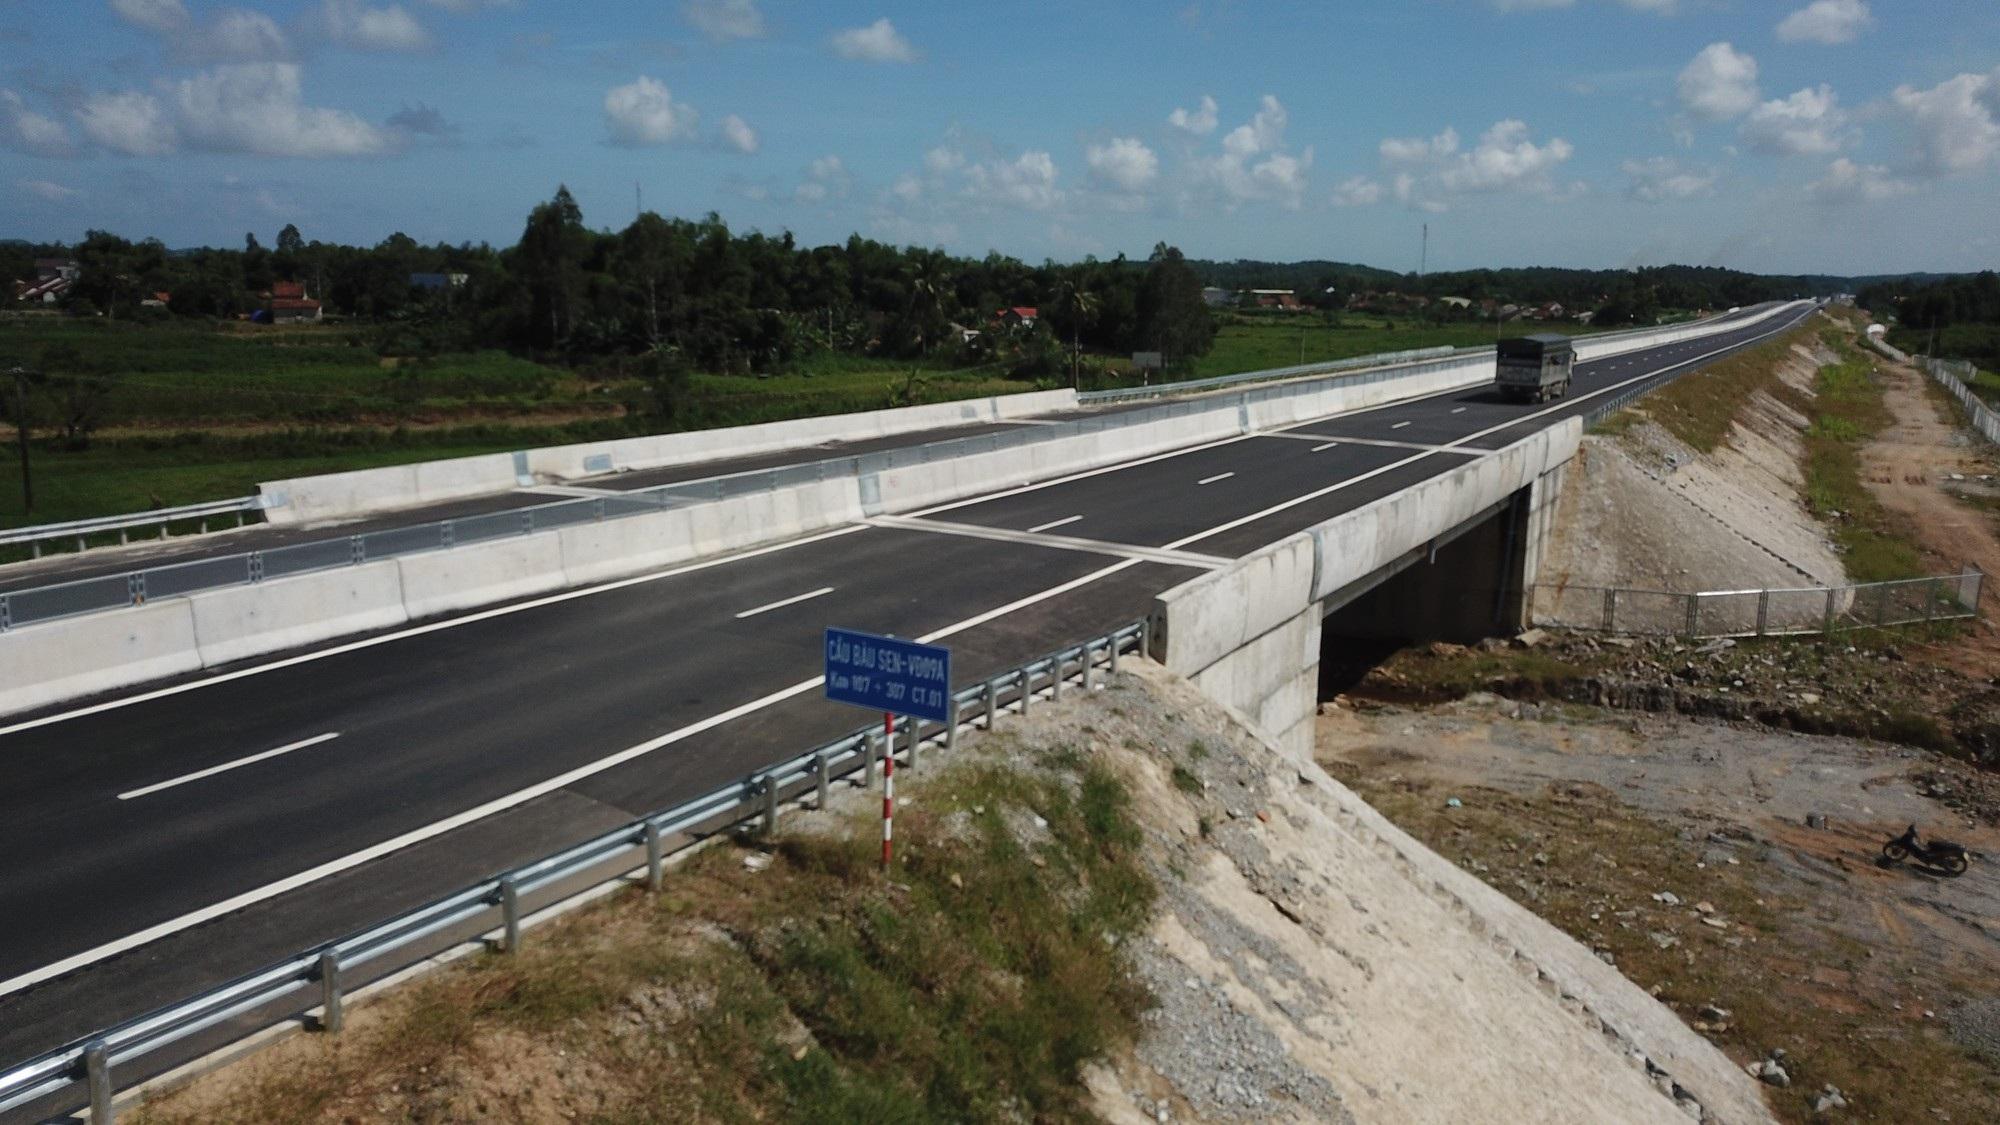 Cao tốc Đà Nẵng - Quảng Ngãi: Bê tông mái taluy vỡ vụn - Ảnh 10.